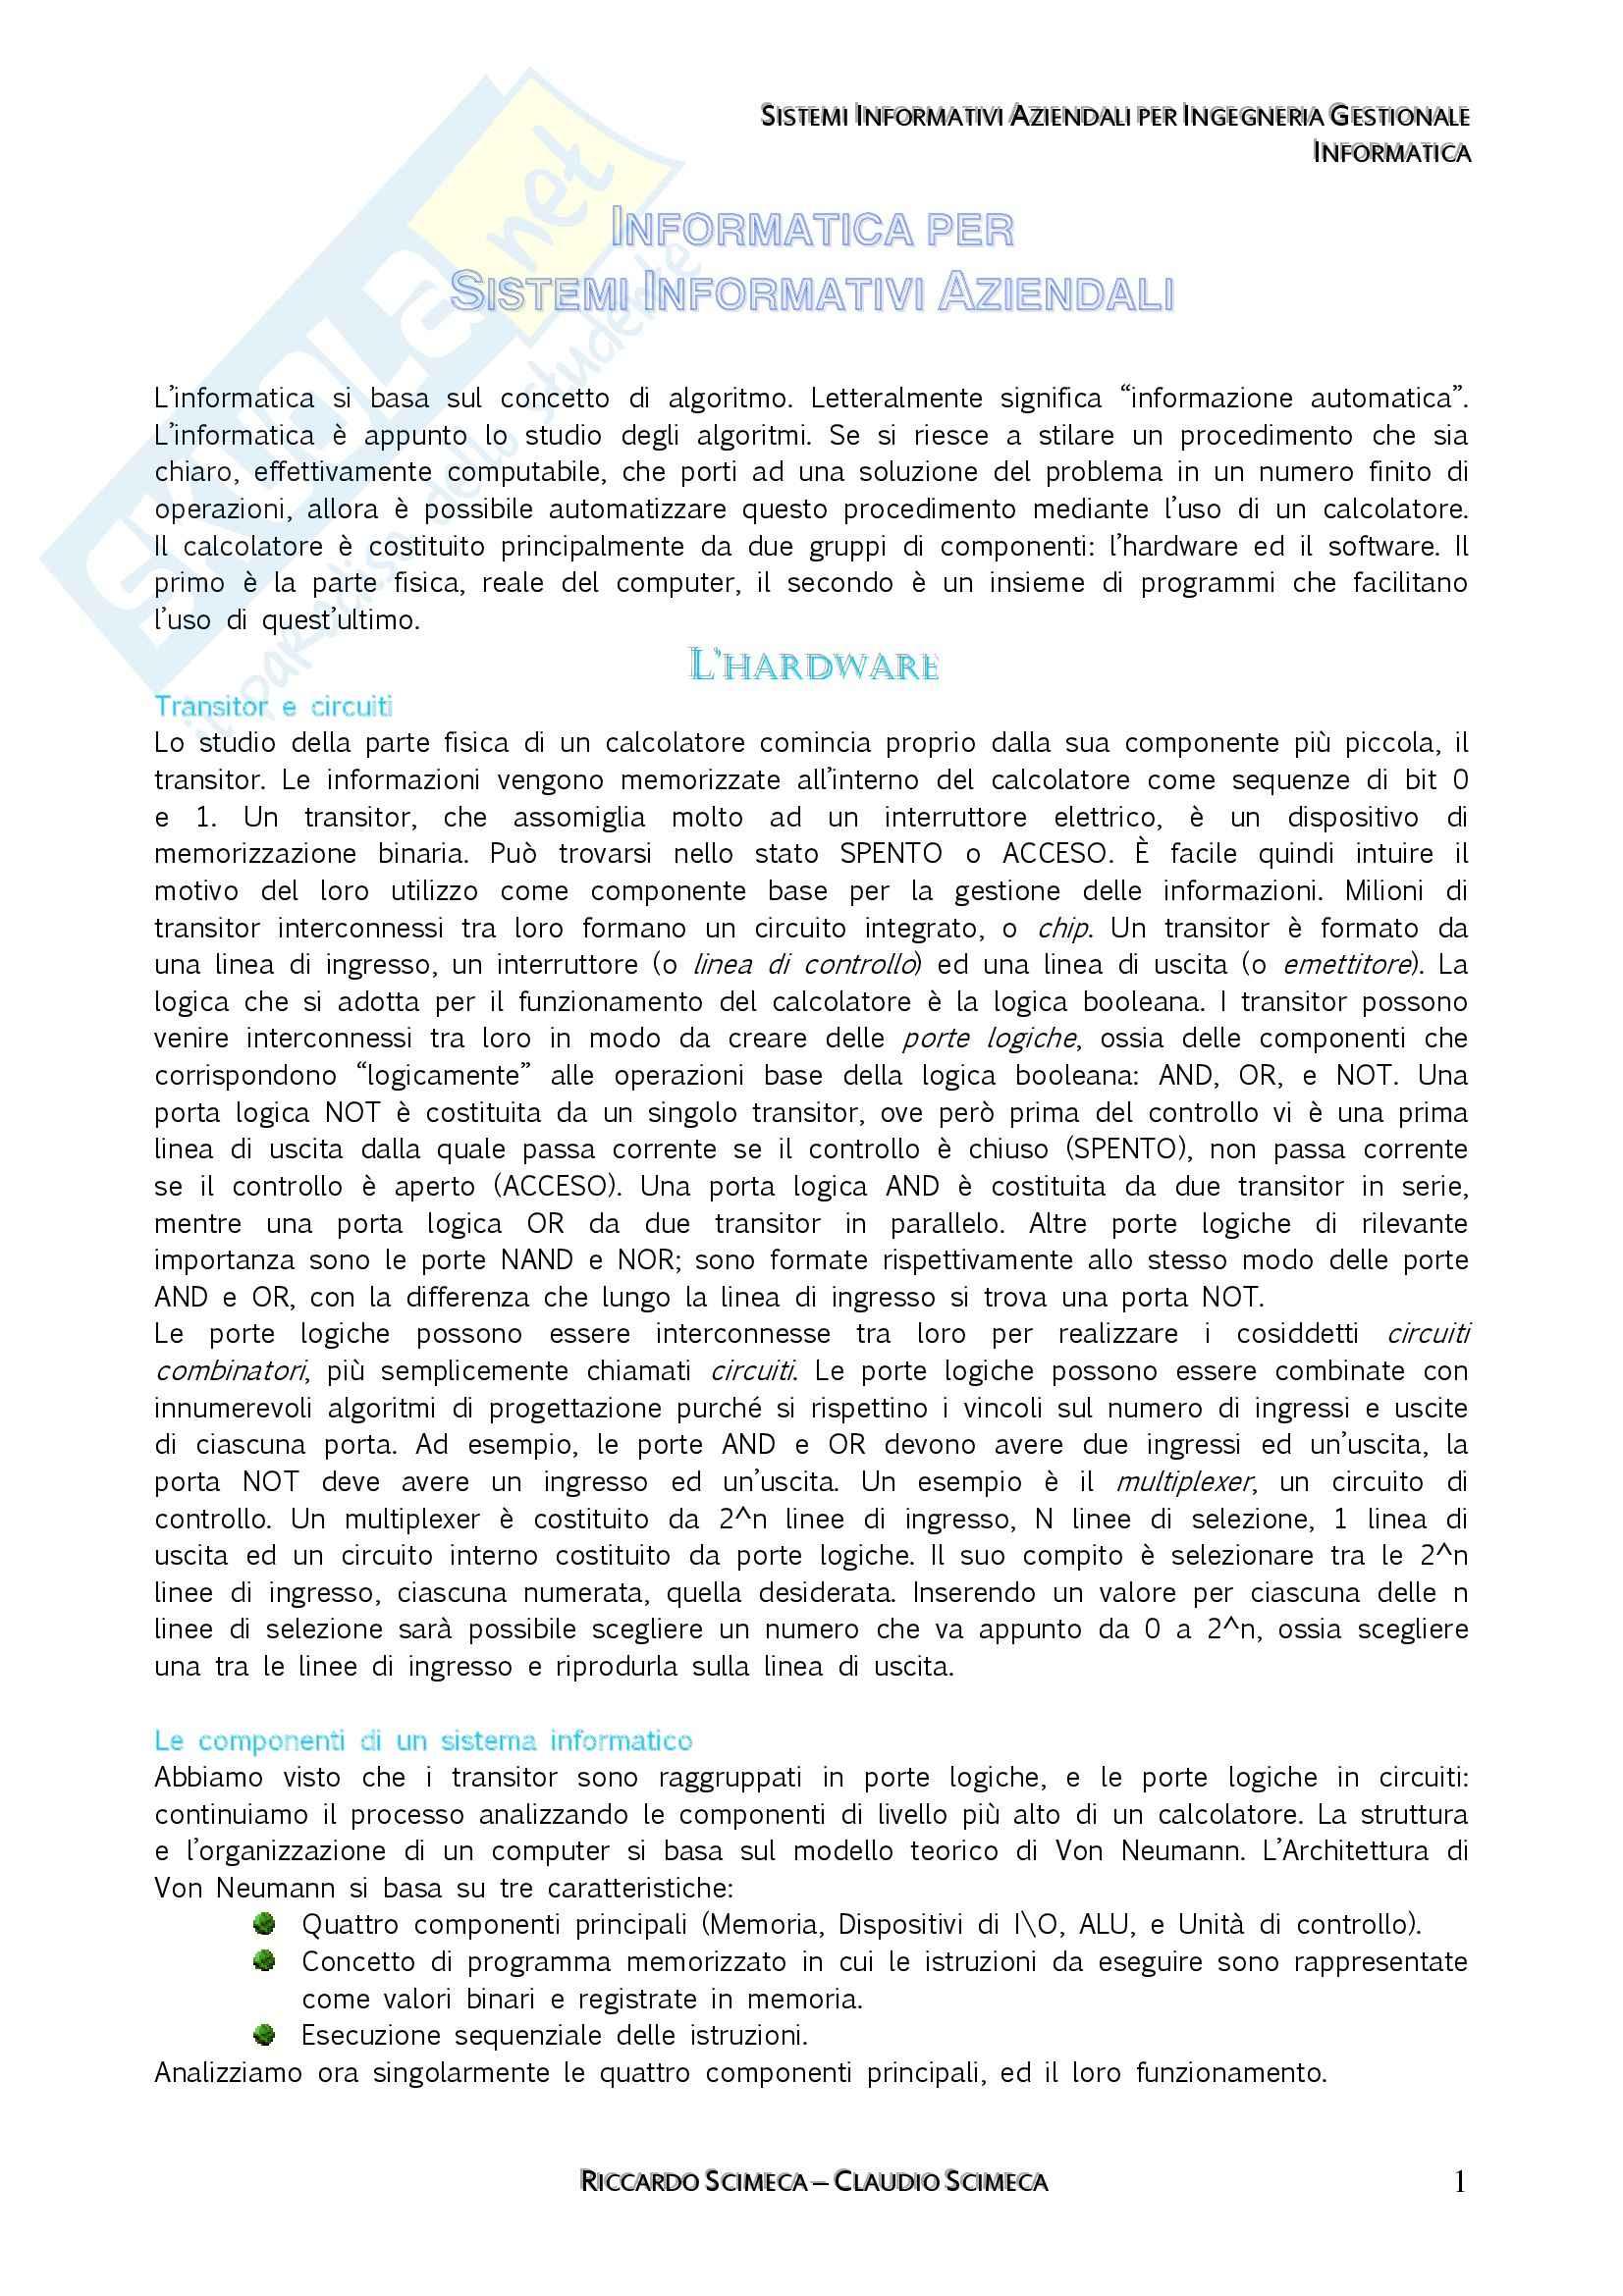 Sistemi Informativi Aziendali - Appunti